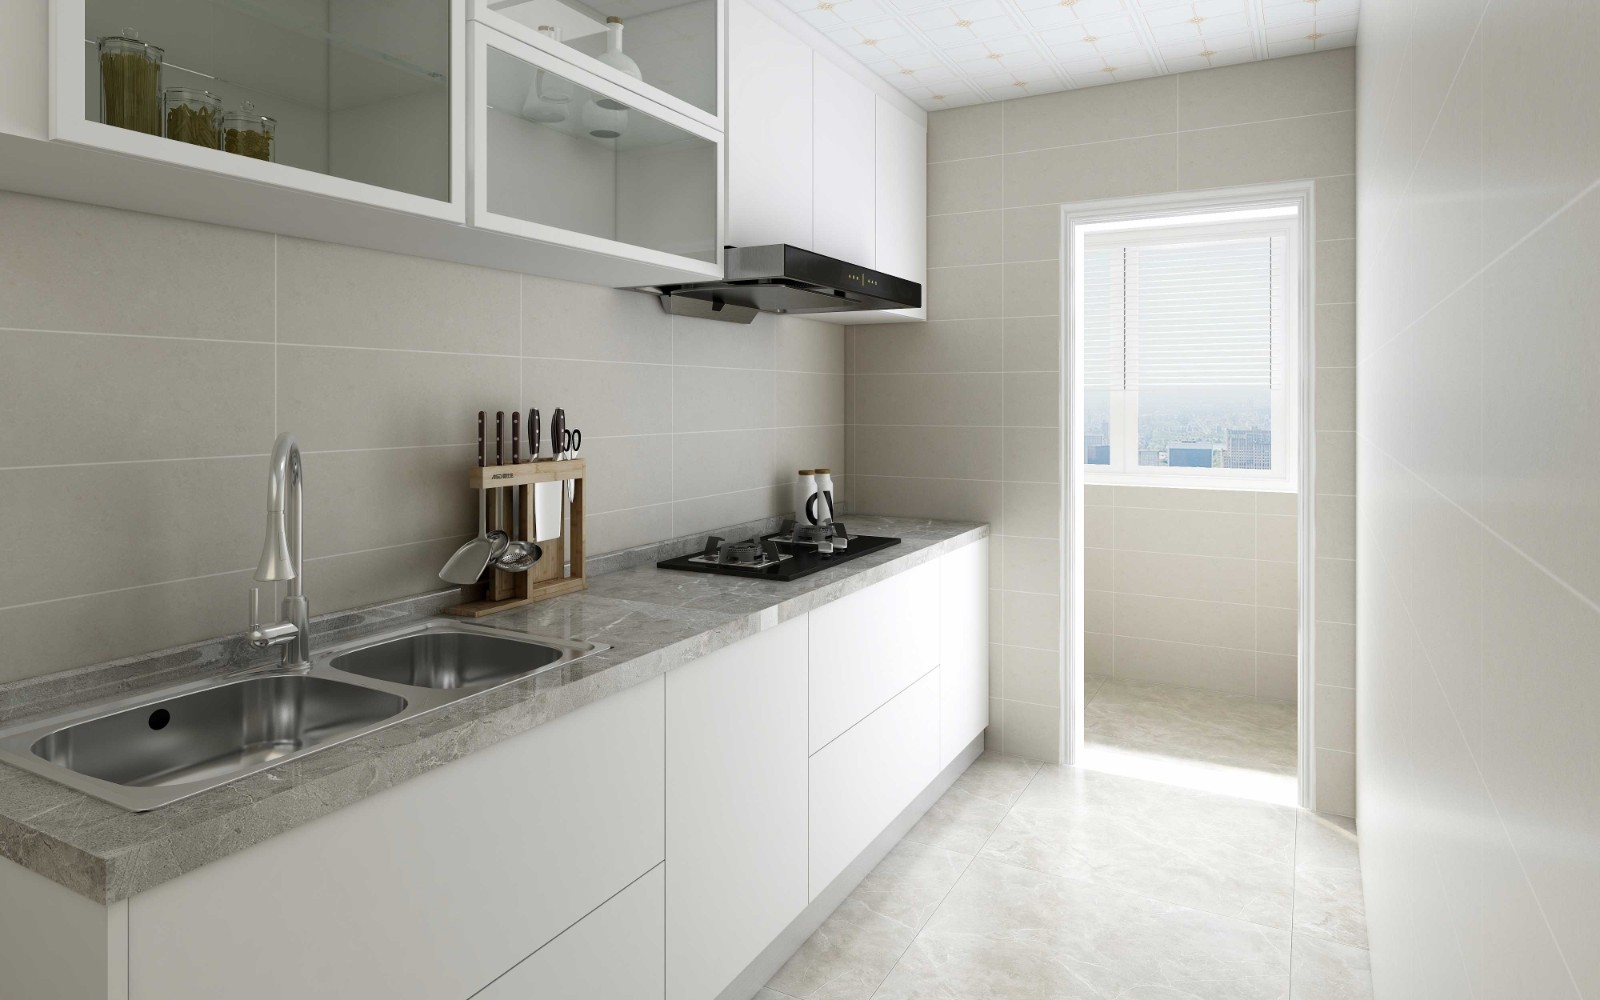 2021新中式厨房装修图 2021新中式厨房岛台装饰设计